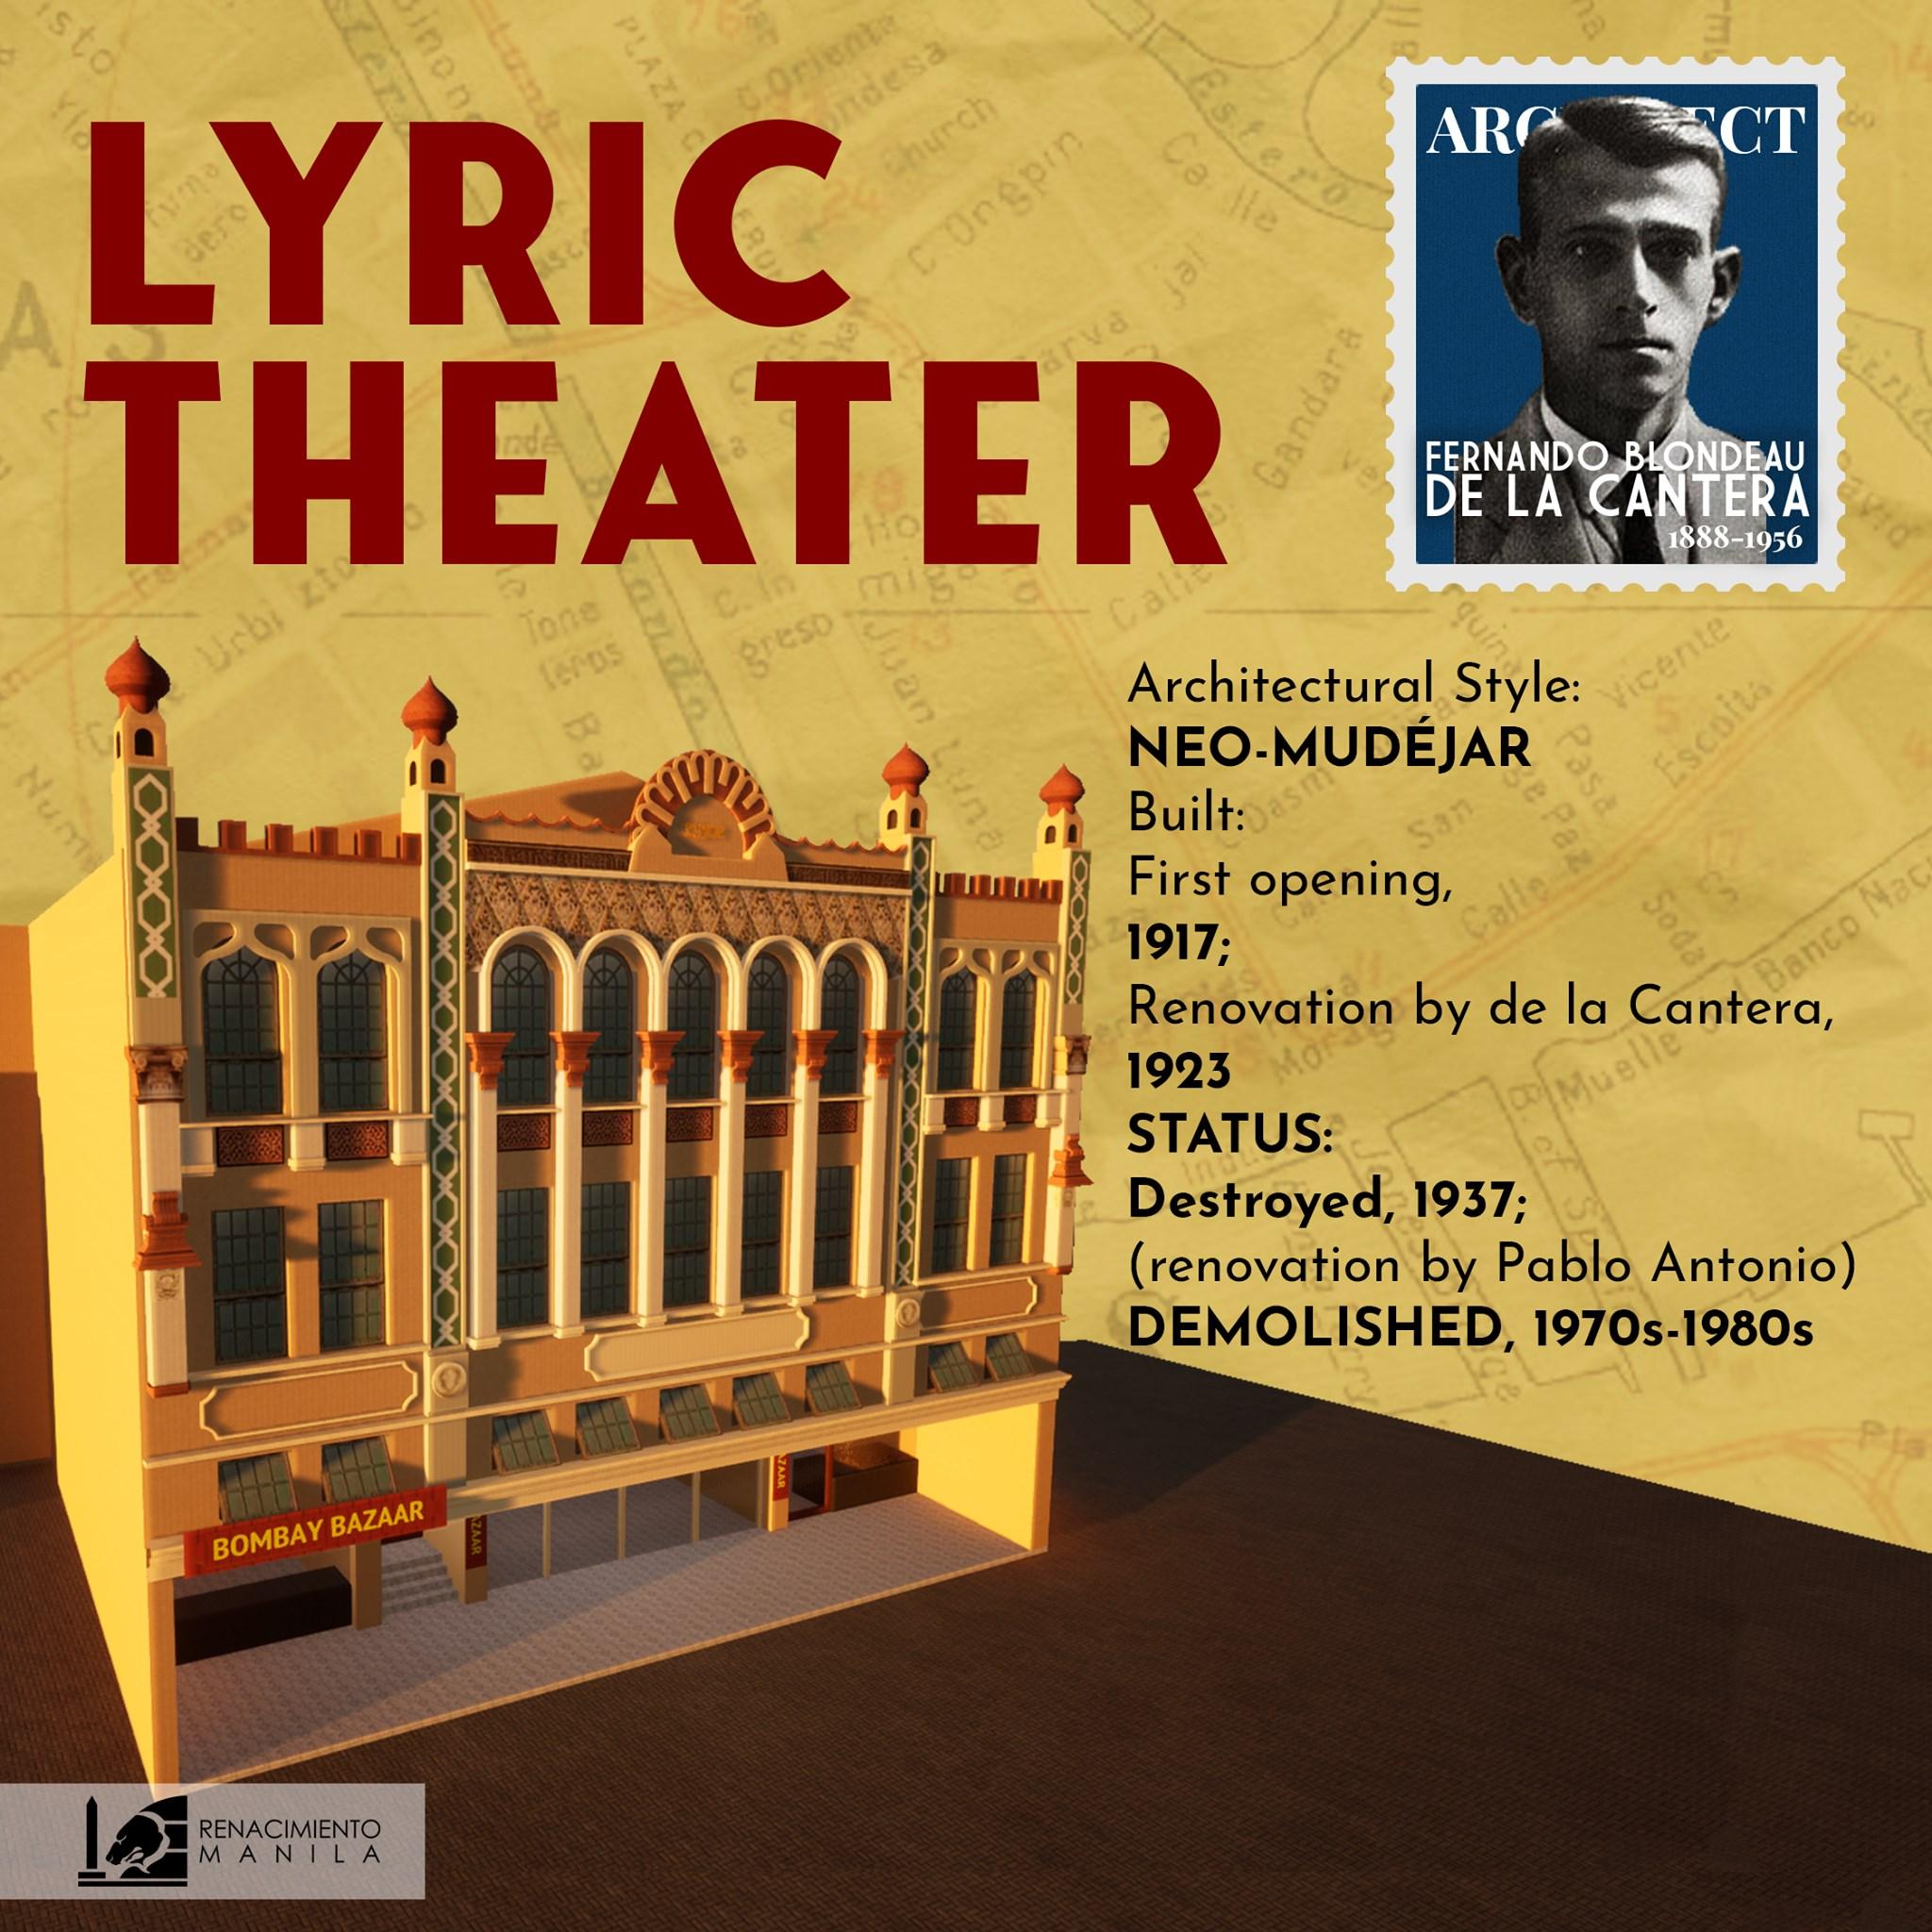 Lyric Theater - Fernando de la Cantera y Blondeau (1888 – 1956)